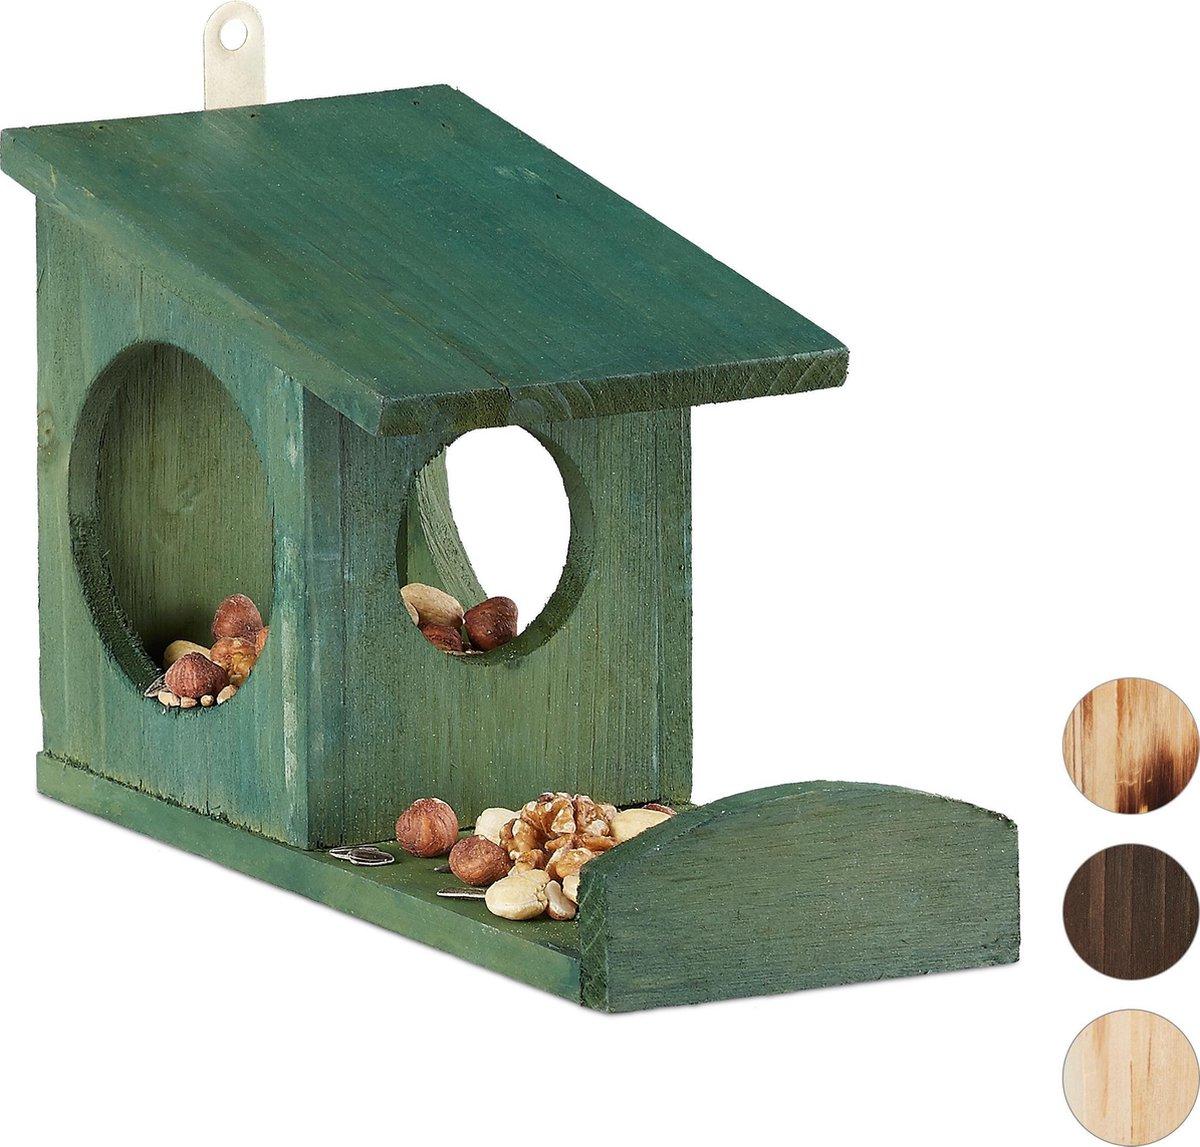 relaxdays eekhoorn voederhuisje - voederhuis - voederkast - voederbak - hout - voederplek donkergroe